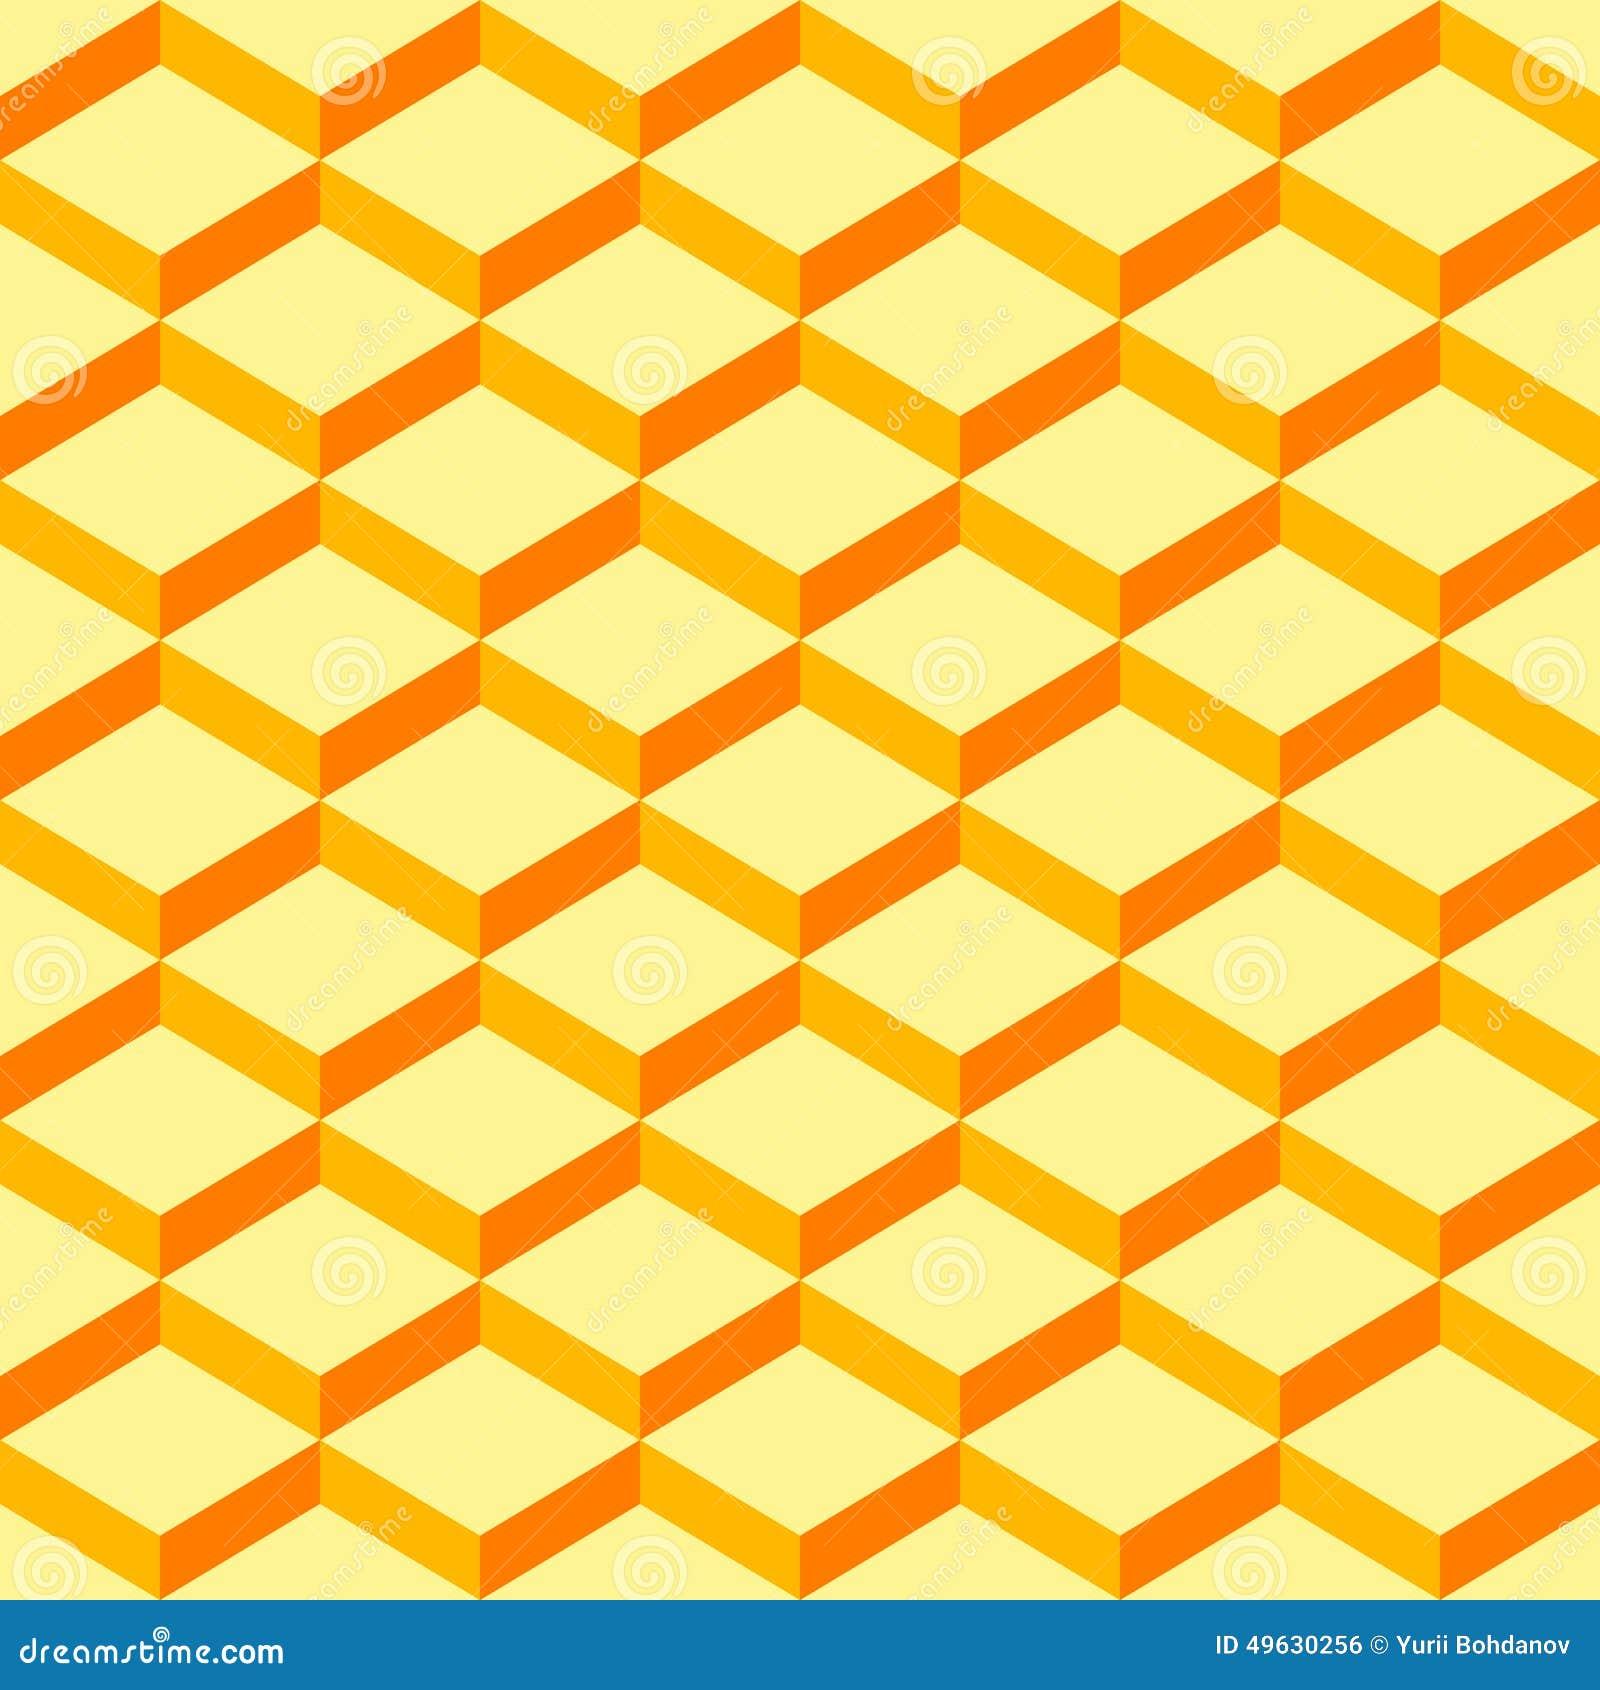 Senza cuciture-modello-avvolgere-carta-giallo-fondo